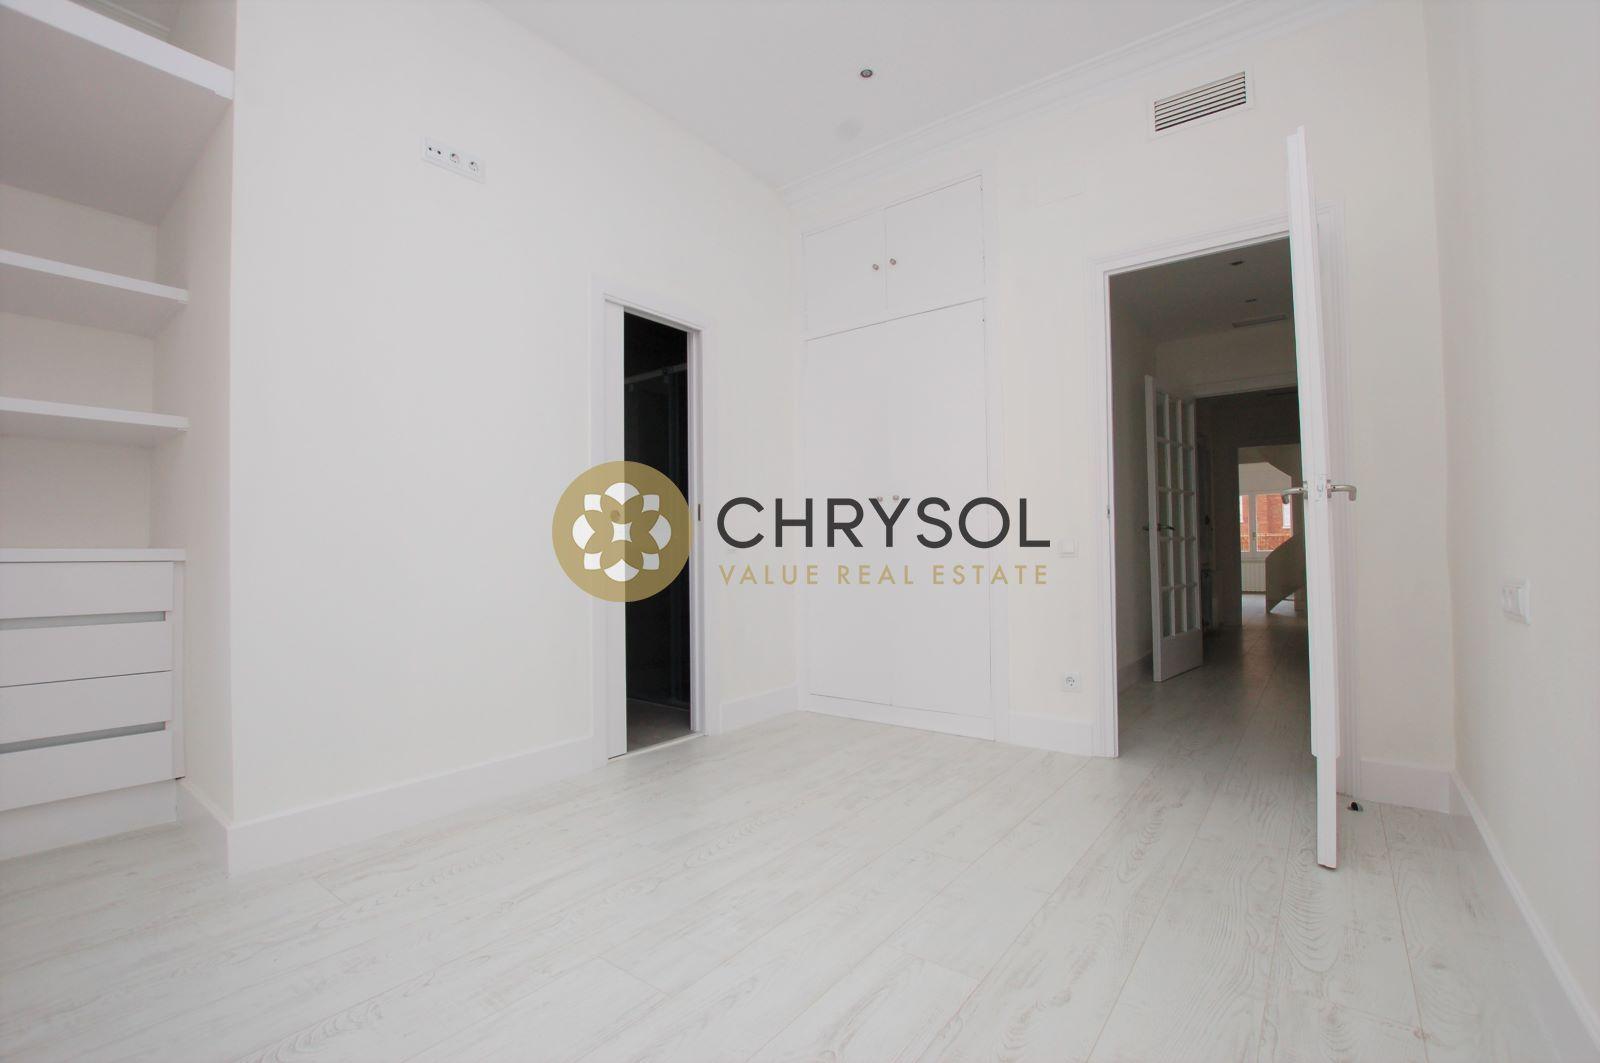 Fotogalería - 21 - Chrysol Value